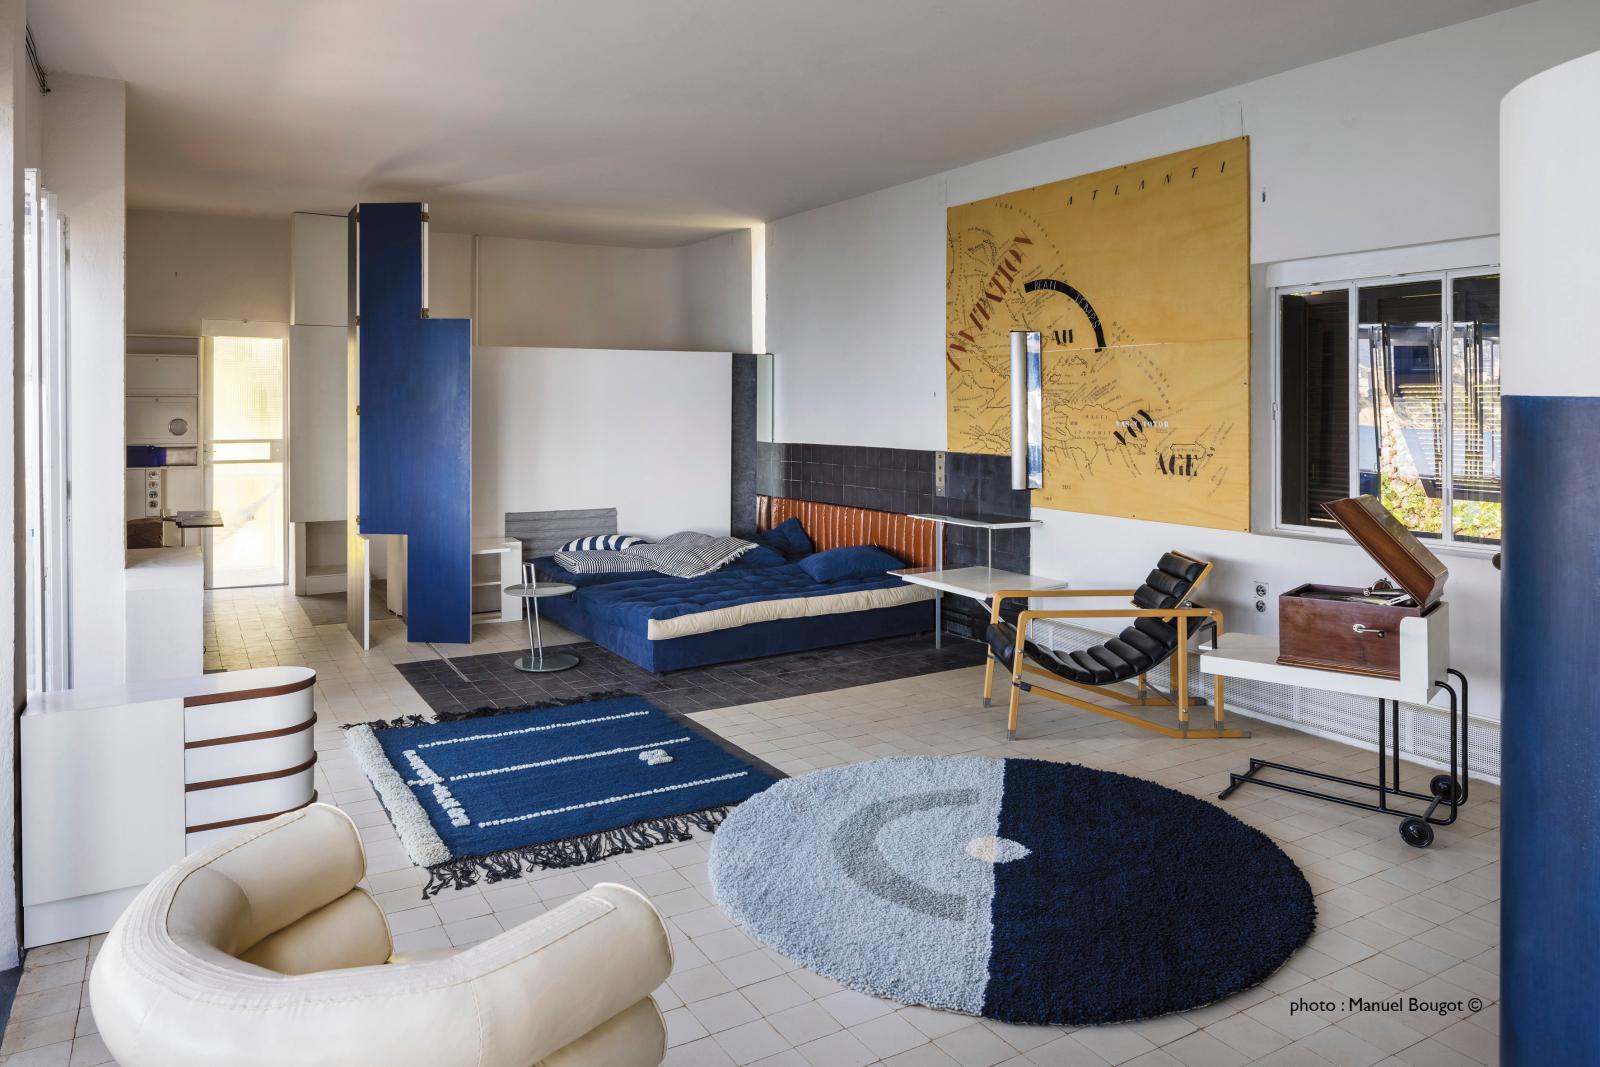 La salle de séjour, avec notamment les fauteuils Bibendum et Transat.© manuel bougot